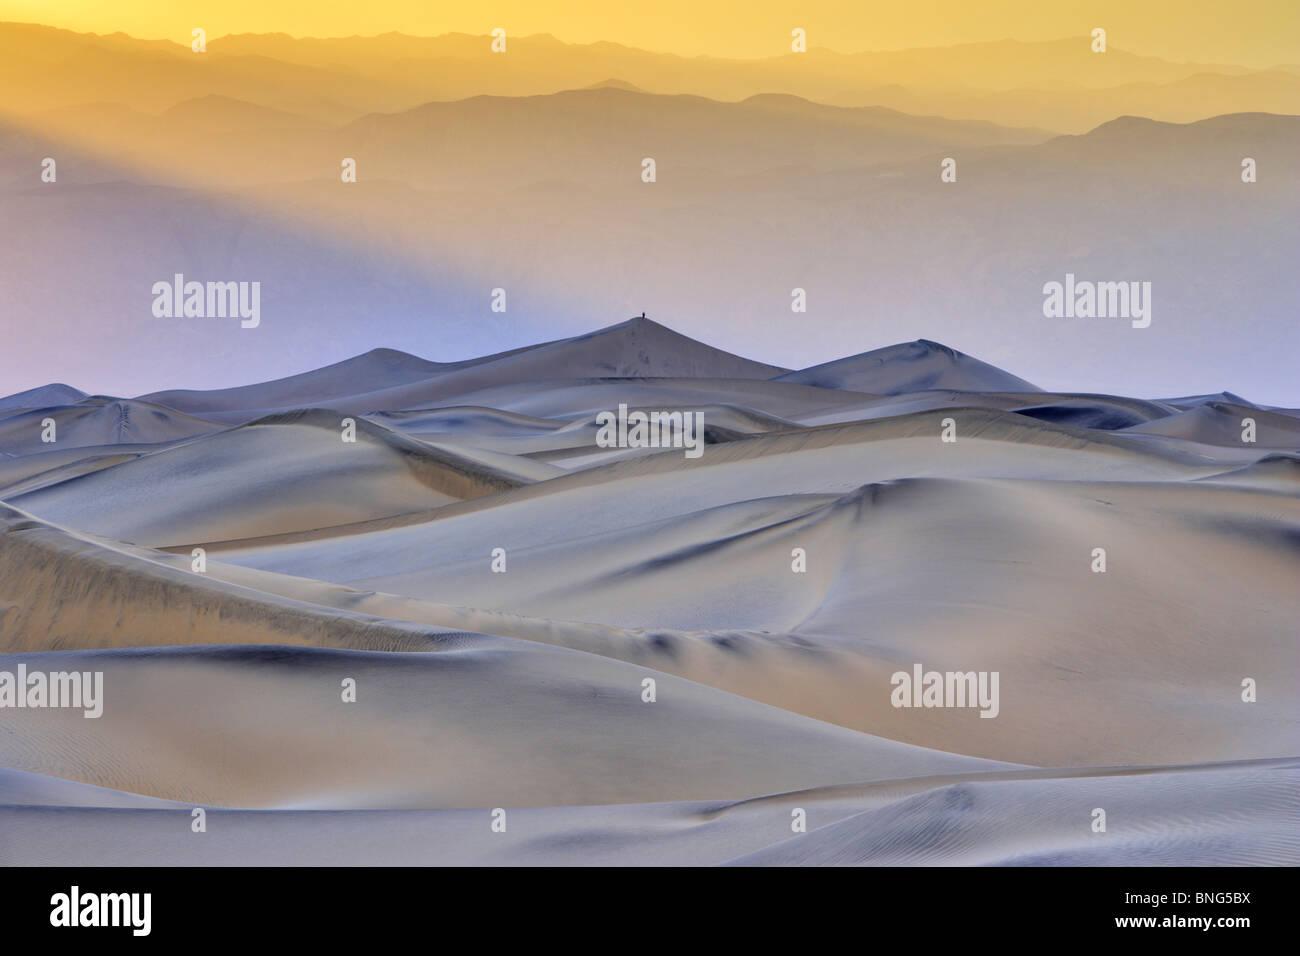 Sanddünen in der Wüste, Mesquite flachen Dünen, Death Valley, Panamint Range, Kalifornien, USA Stockfoto